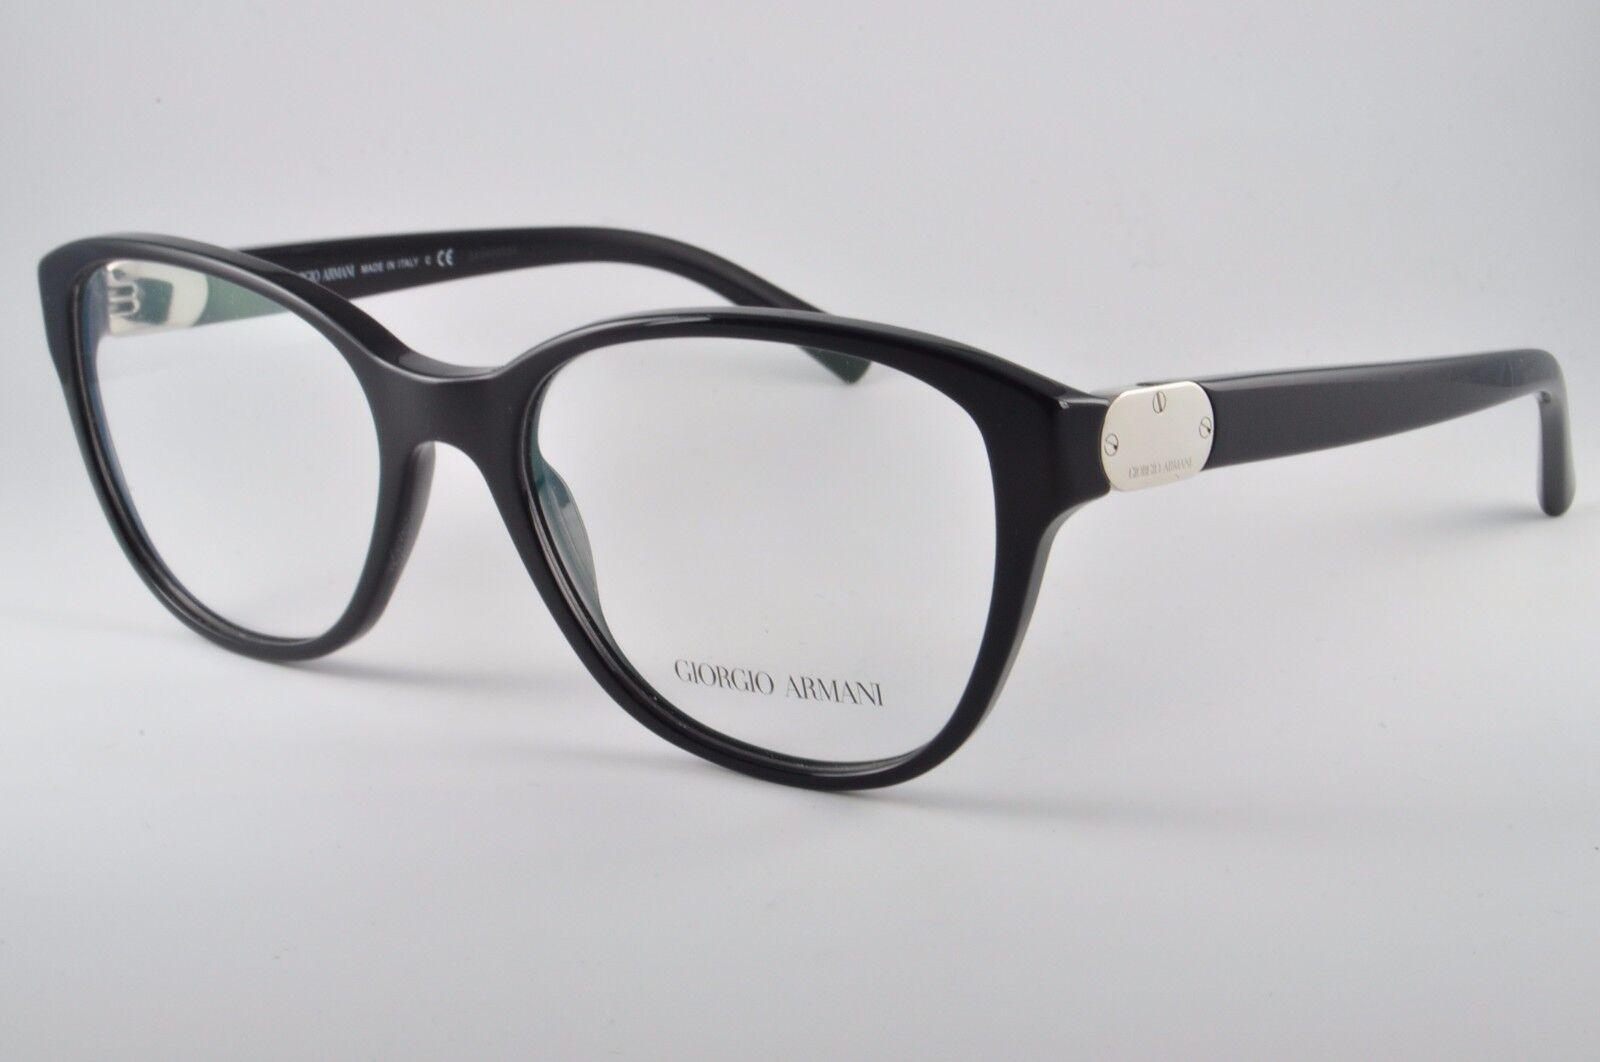 7d061aa2c5f2 Giorgio Armani Women s Eyewear Frames AR 7034 54mm Black 5017